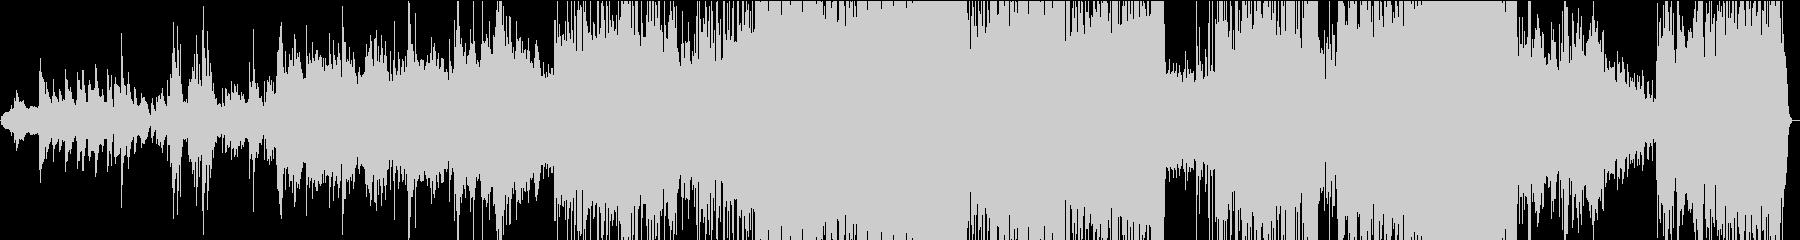 ダンス、ハウス。ディスコ80'song。の未再生の波形